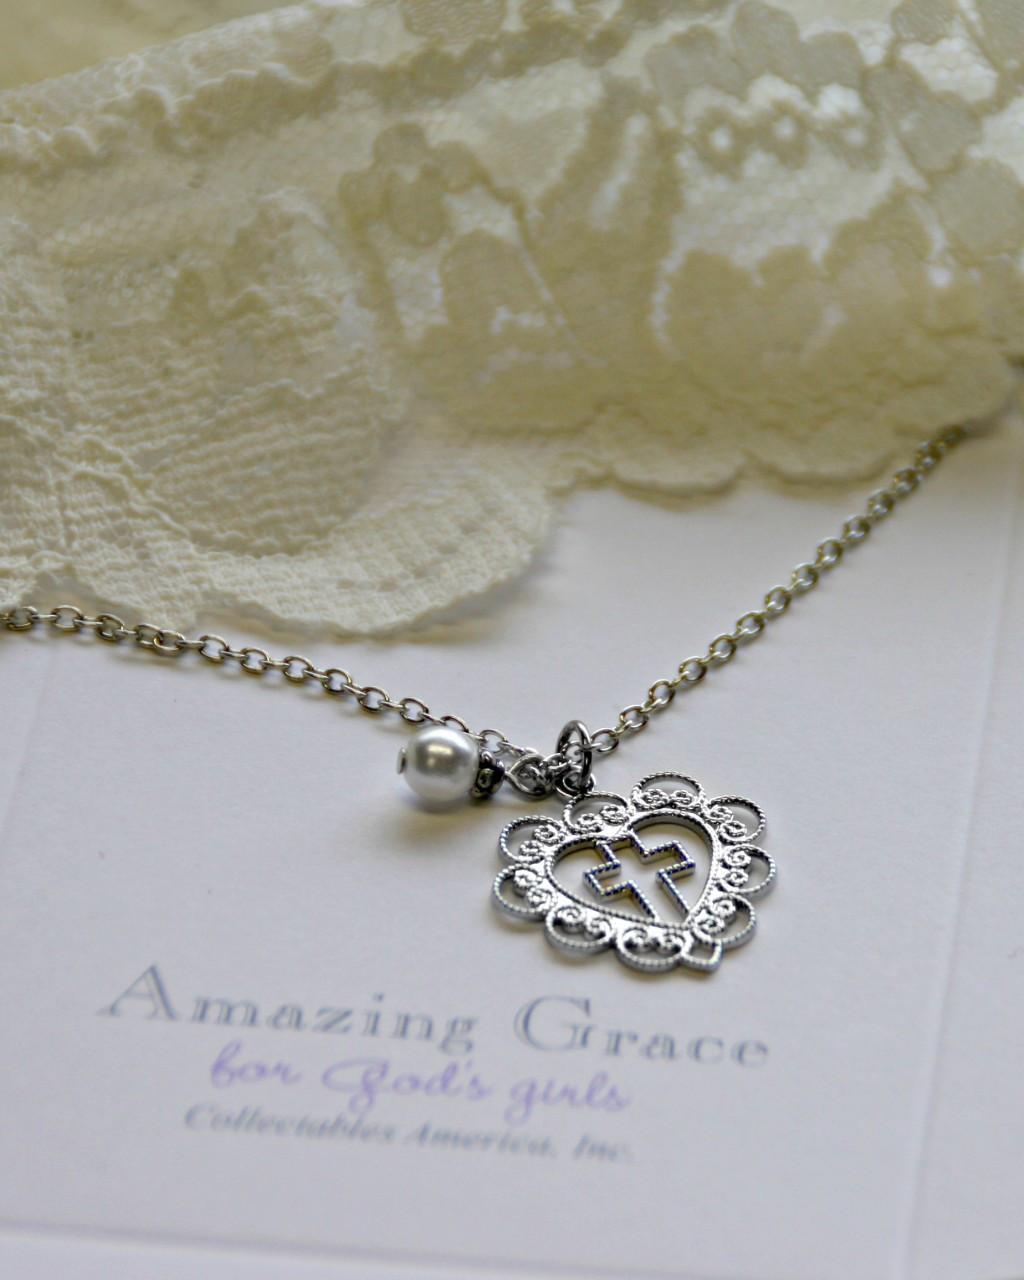 GG-28  Amazing Grace Lace Heart